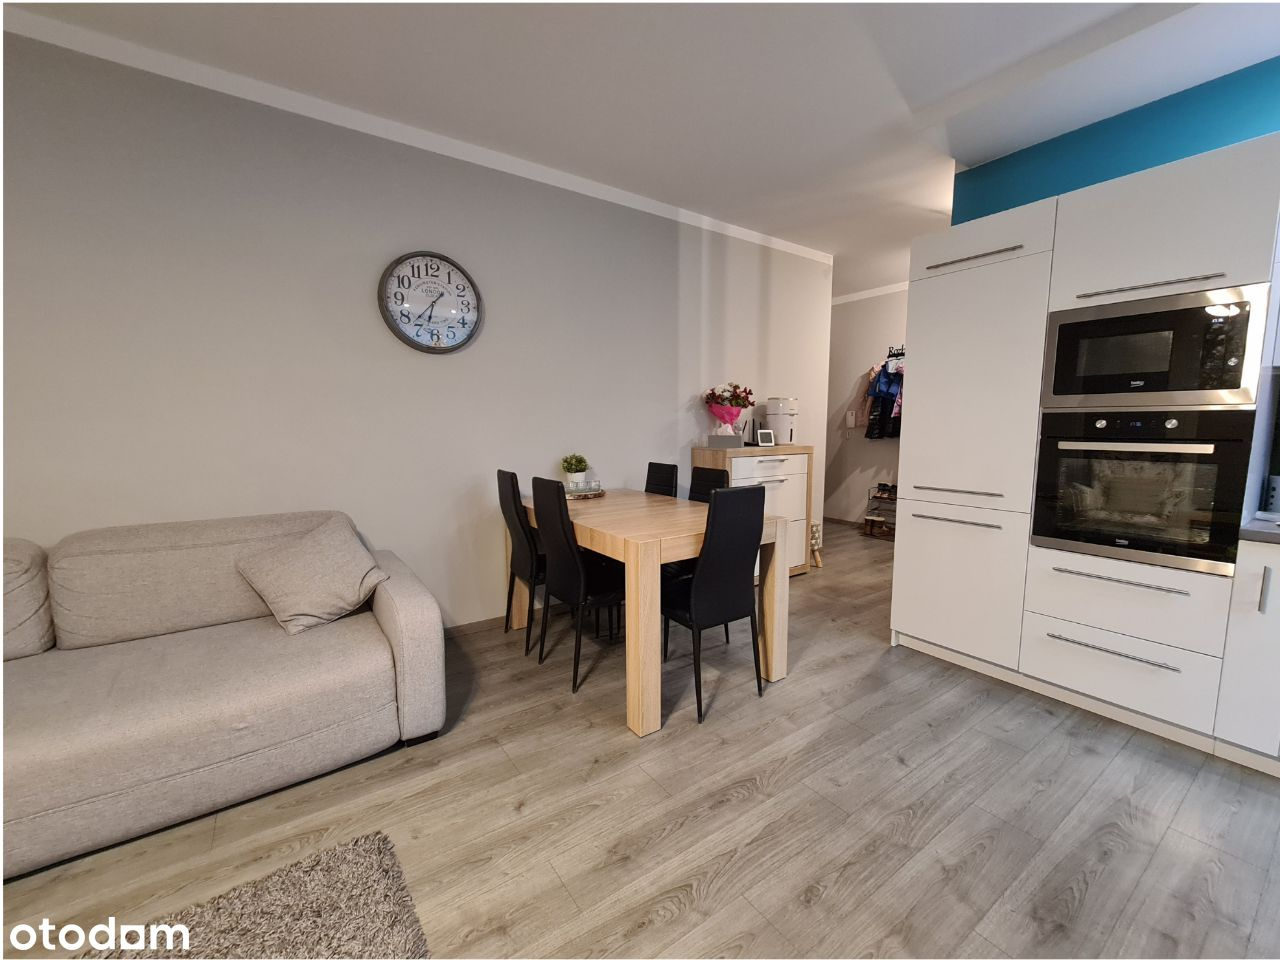 Mieszkanie 3 pokojowe, 59m², Szosa Lubicka 14